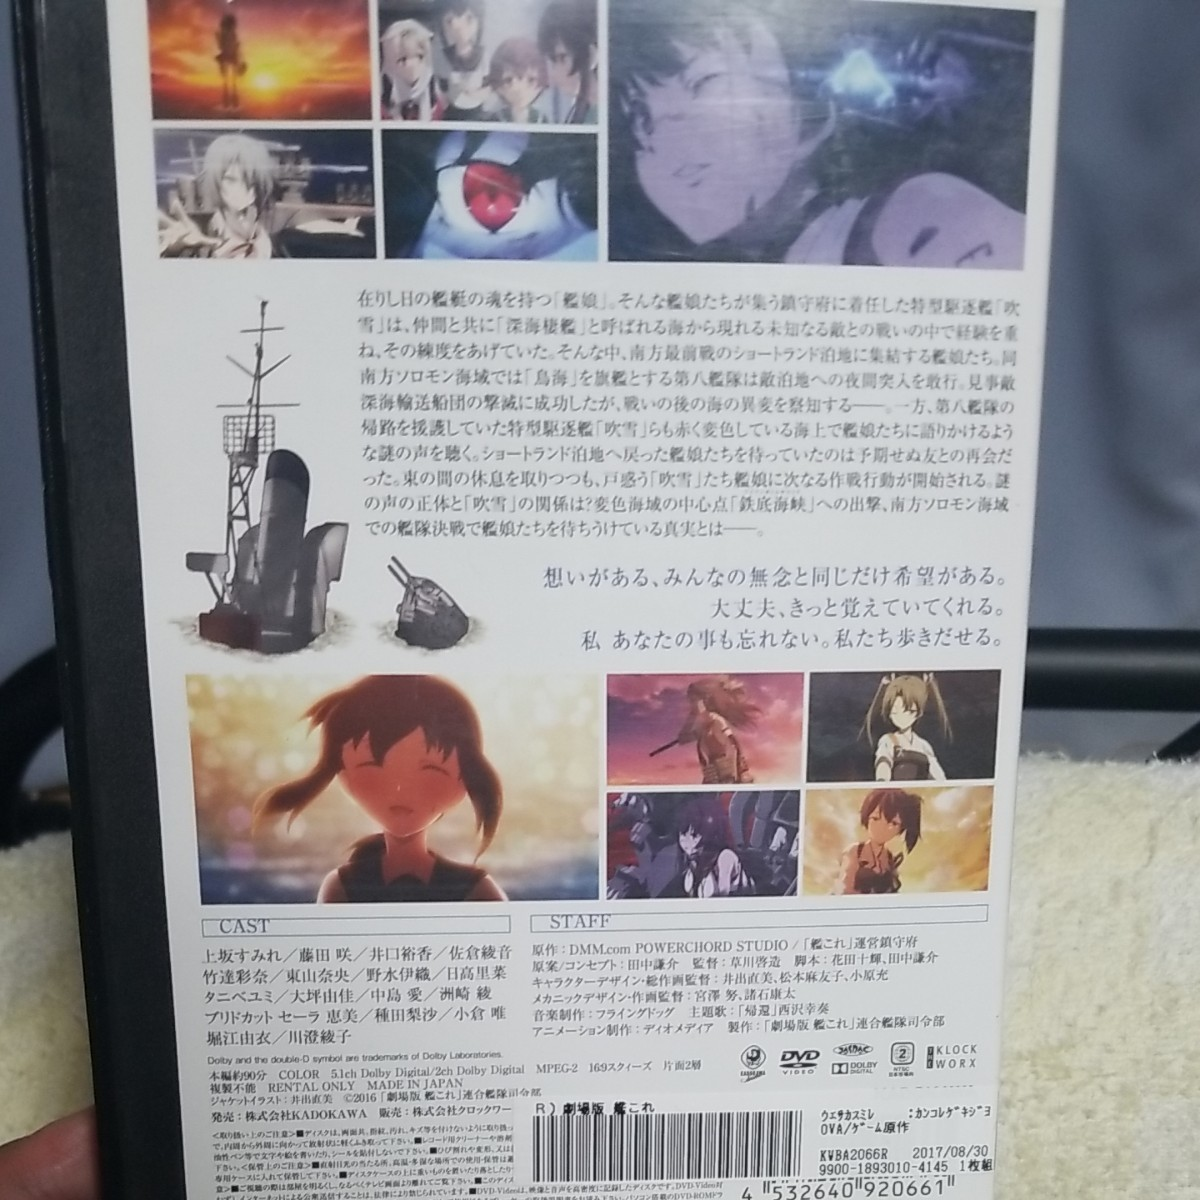 劇場版艦これ DVD